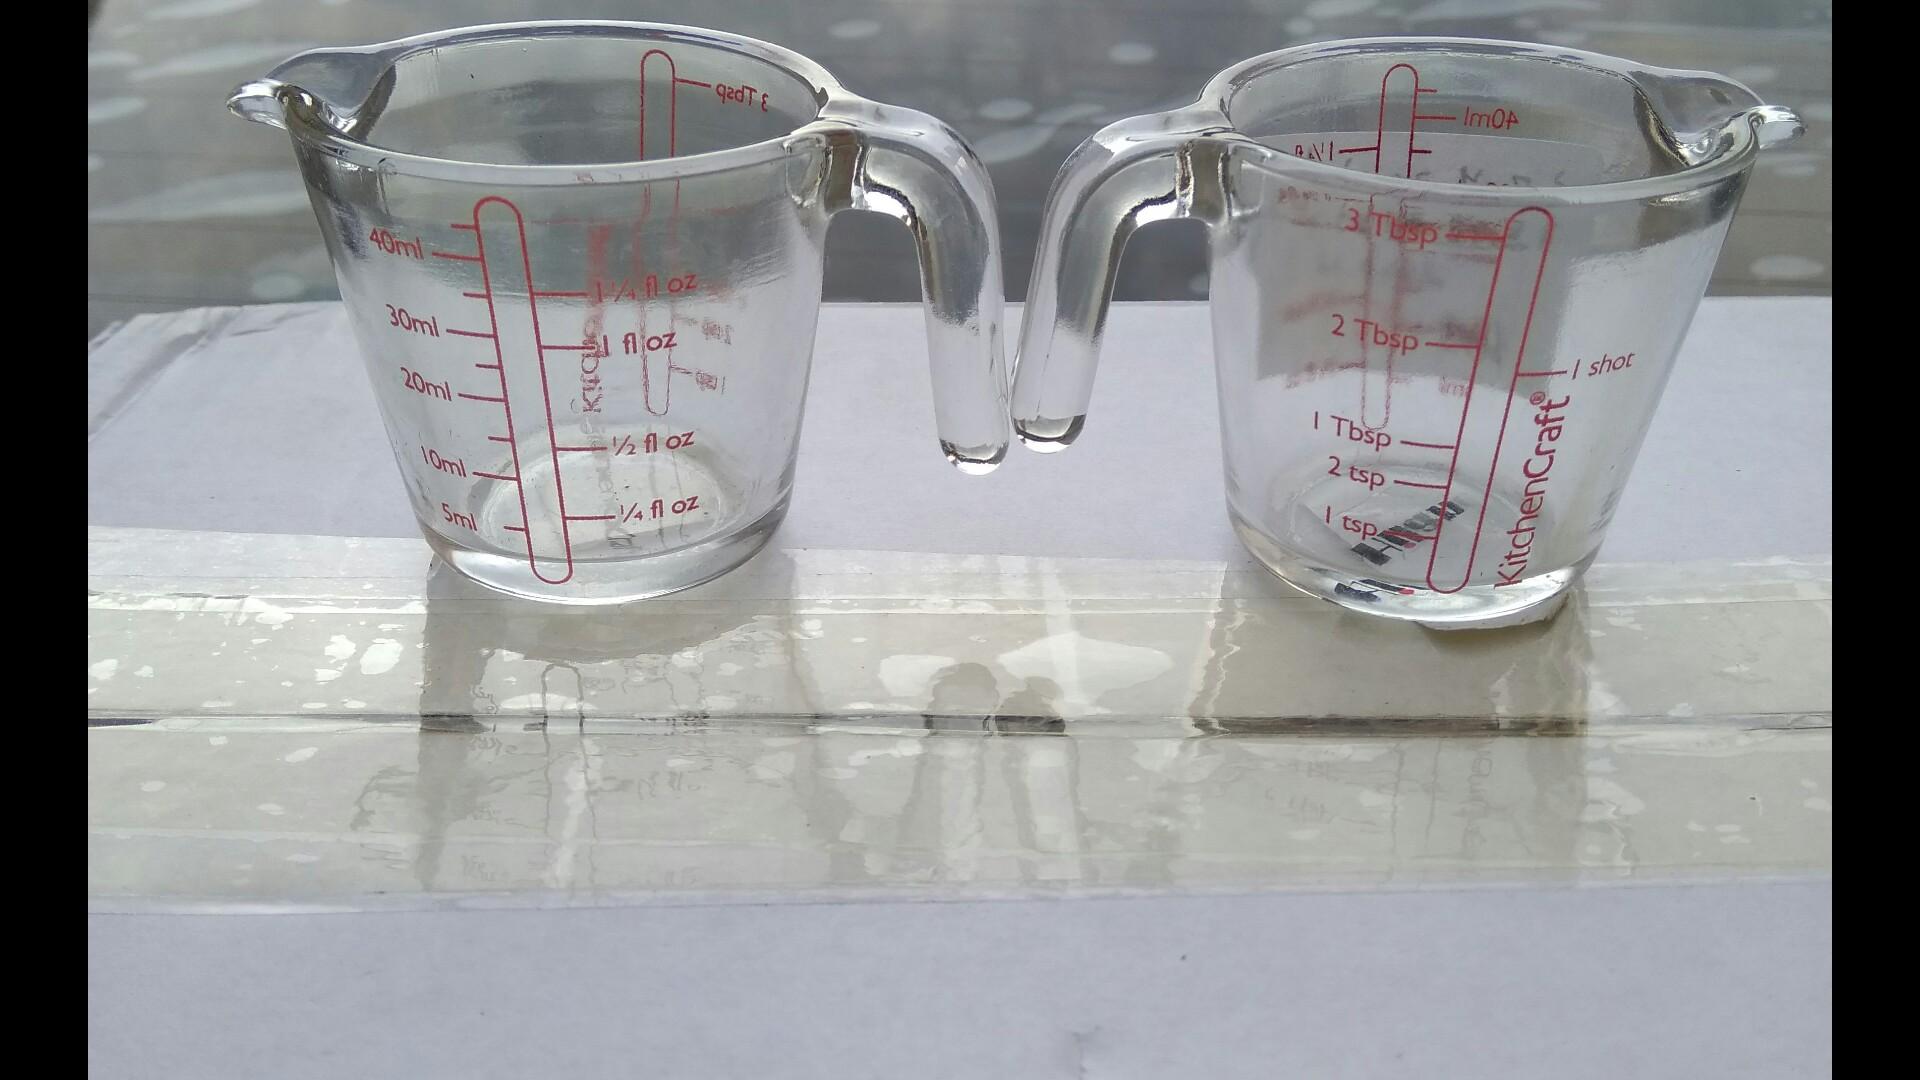 小把杯小量杯小玻璃杯小压杯小刻度杯出口玻璃杯图片